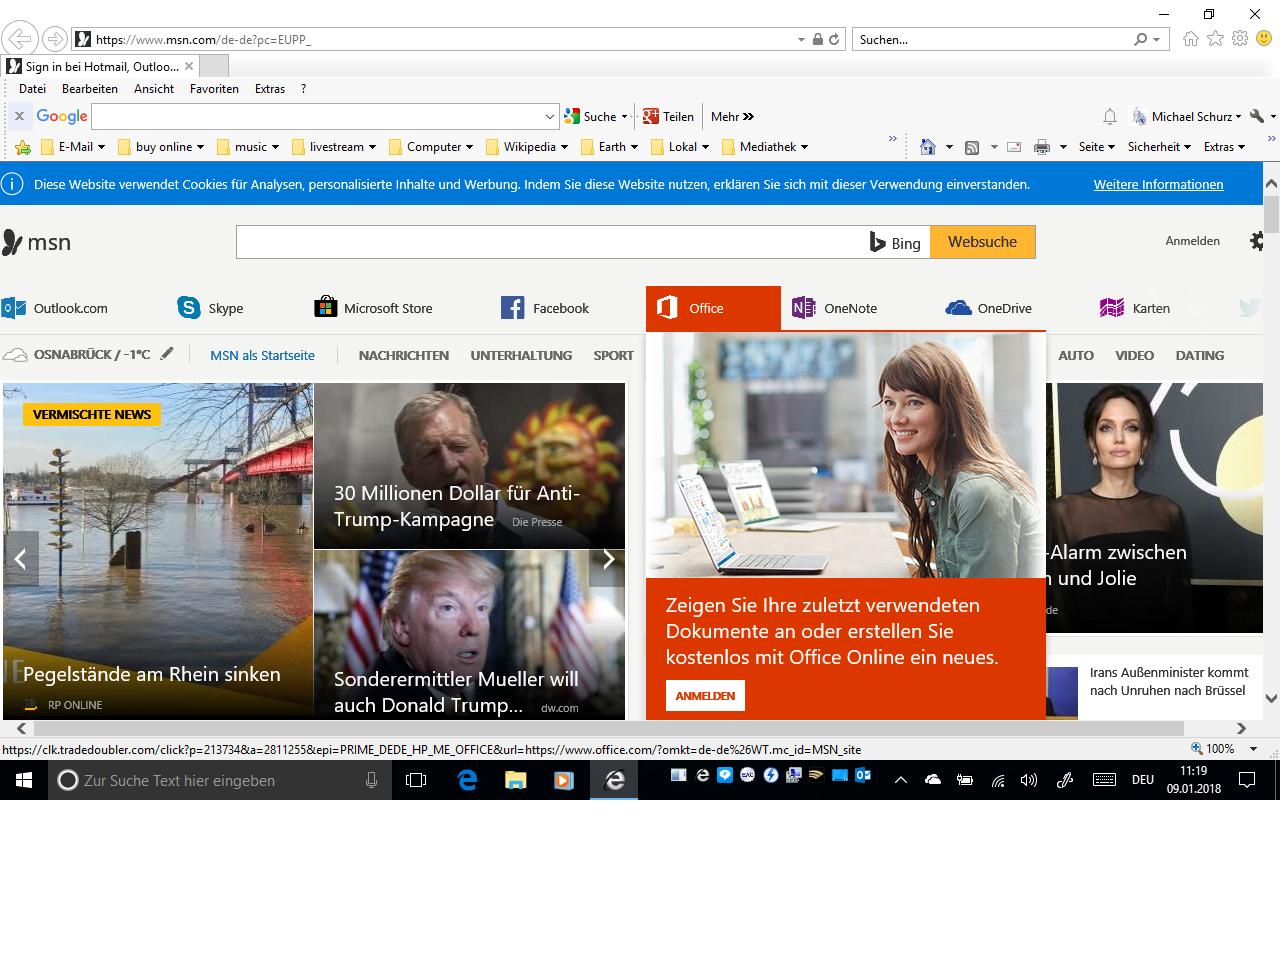 Darstellung meiner Startseite in Edge. MSN als Startseite